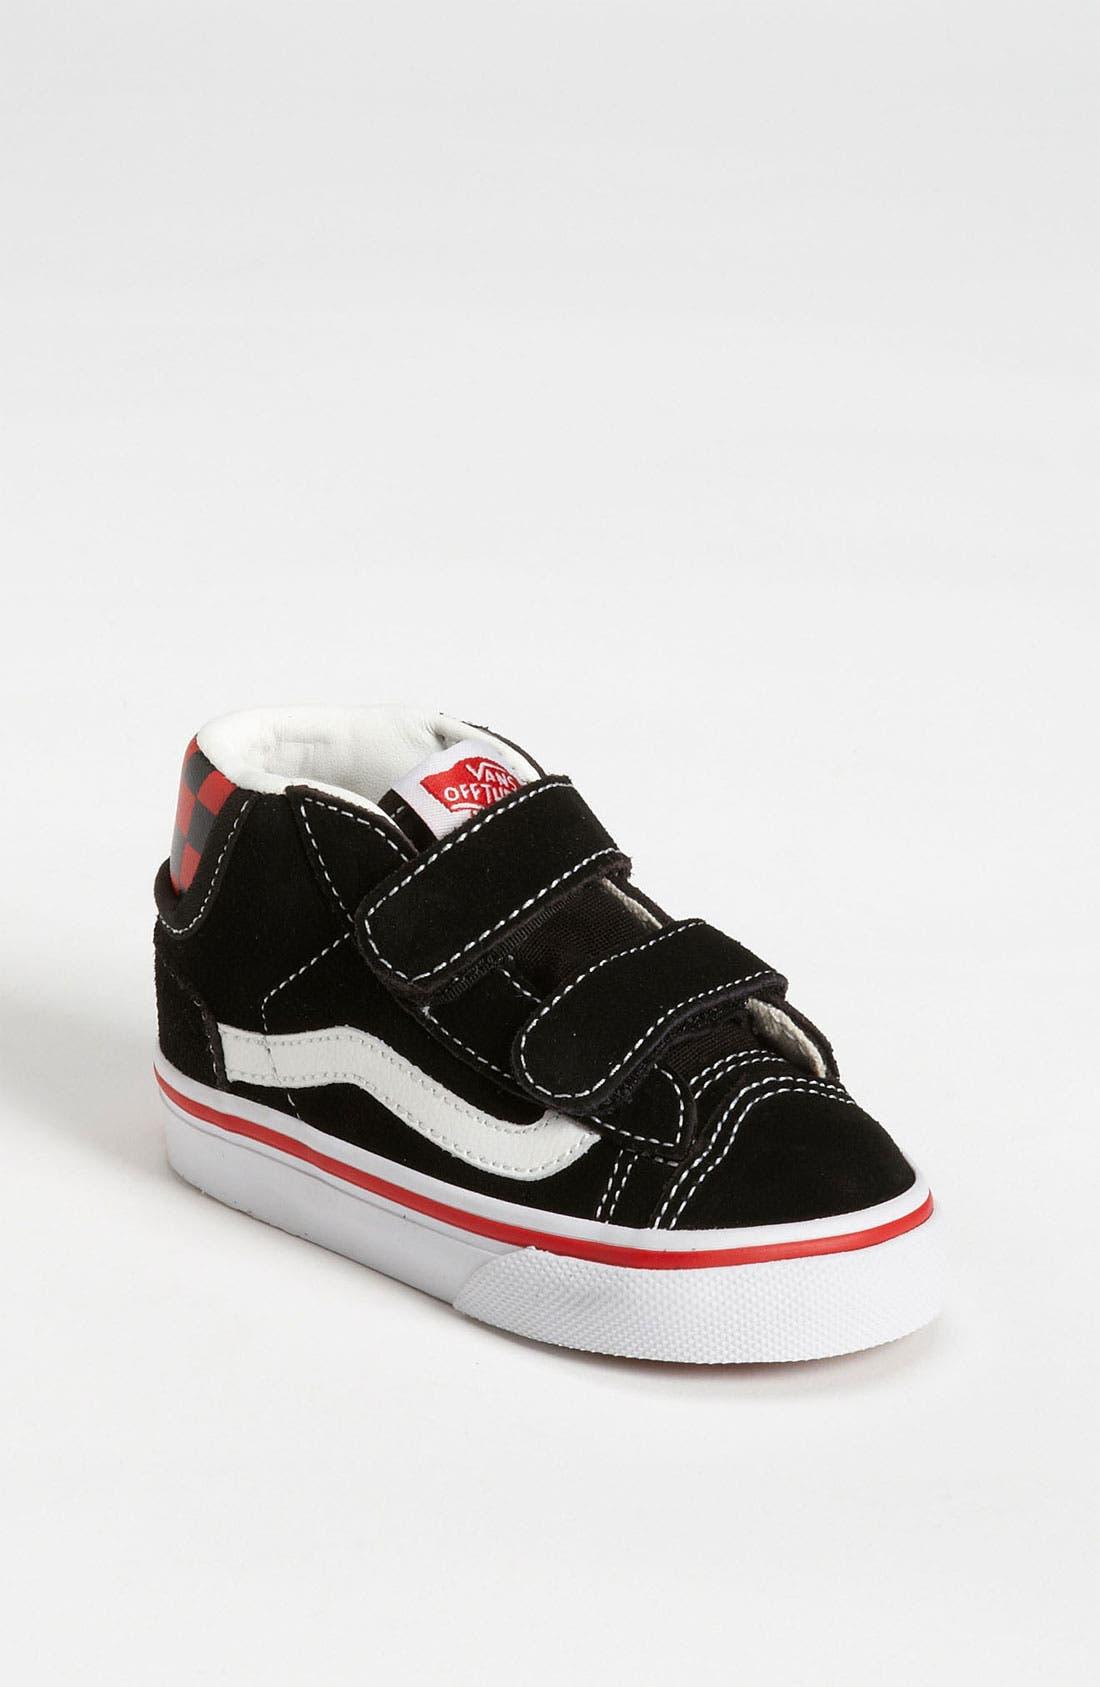 Main Image - Vans 'Mid Skool 77' Skate Shoe (Baby, Walker, Toddler, Little Kid & Big Kid)